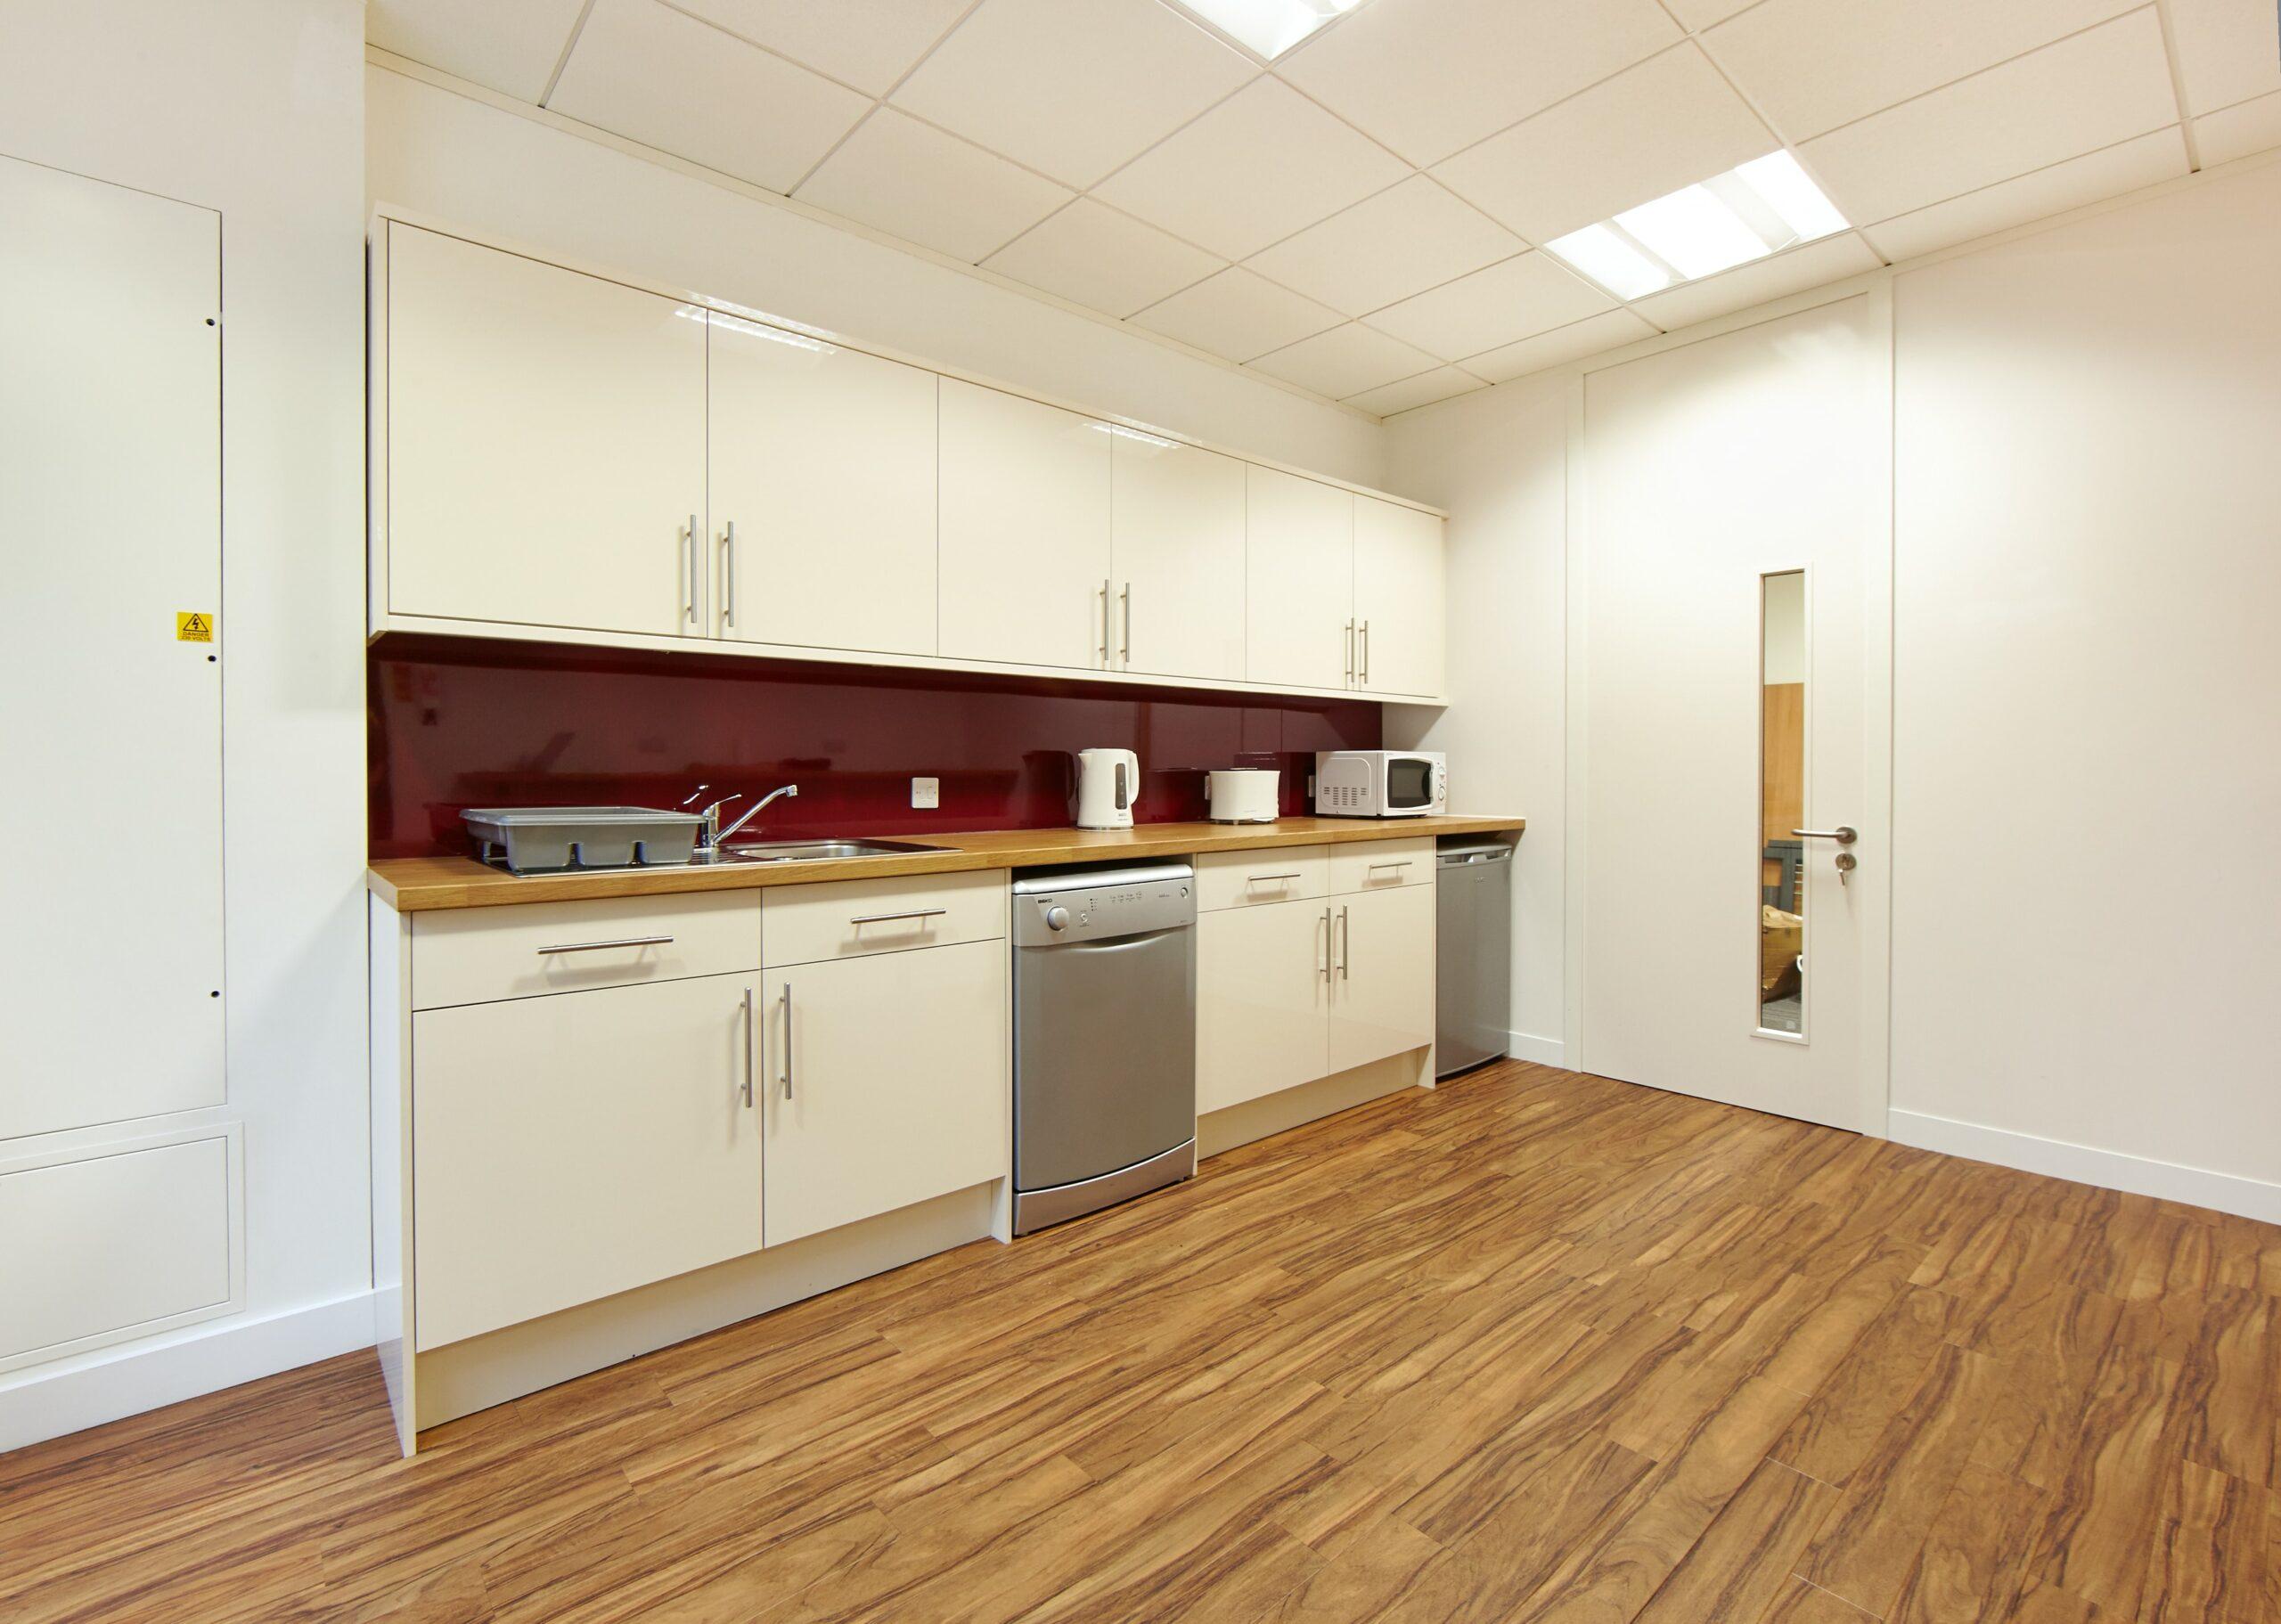 white gloss kitchen cabinets with wooden worktop and dark red splashback